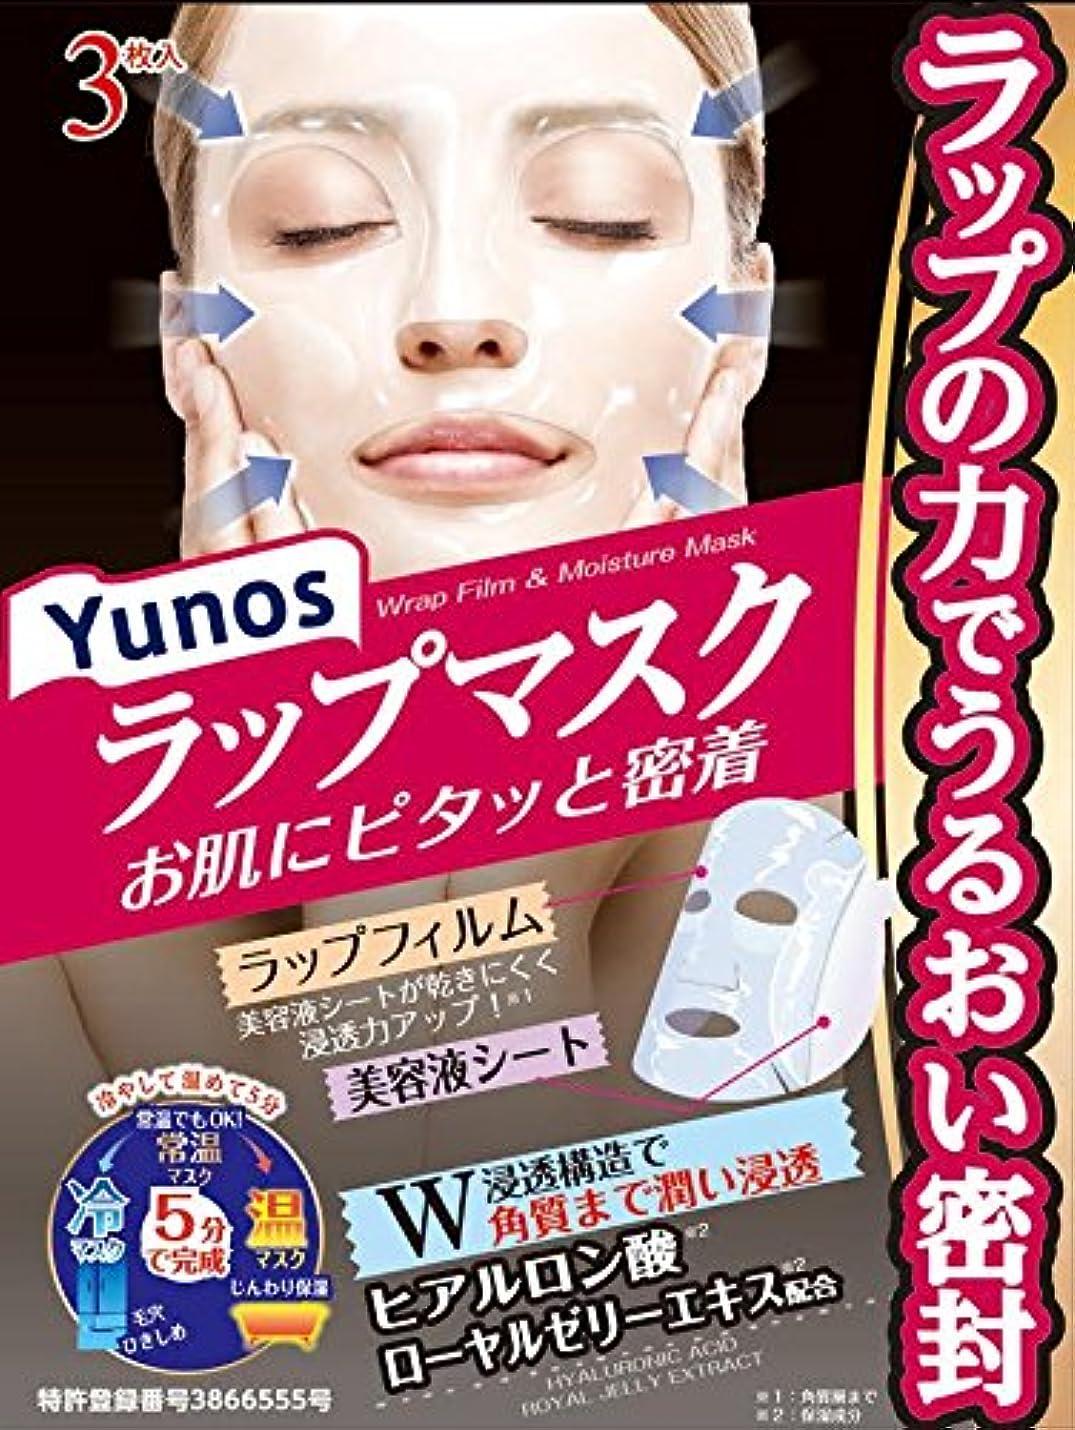 寛大さミシン明示的にユノス ラップマスク 3枚入り